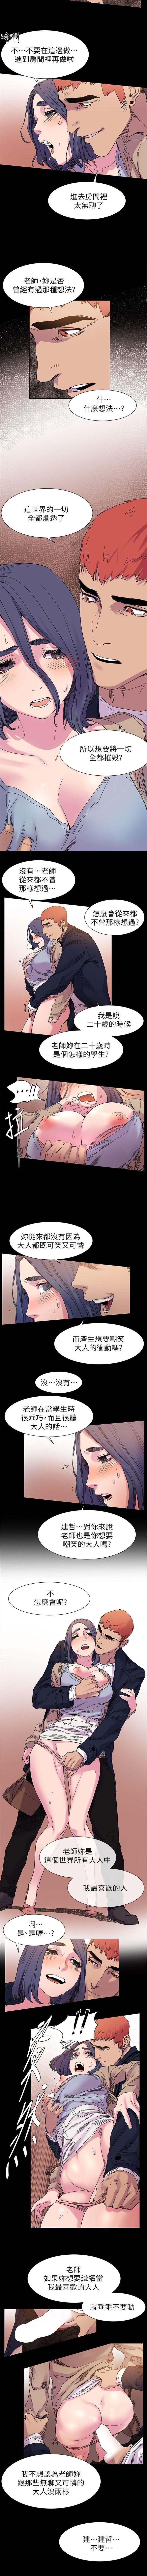 (週5)衝突 1-94 中文翻譯 (更新中) 87